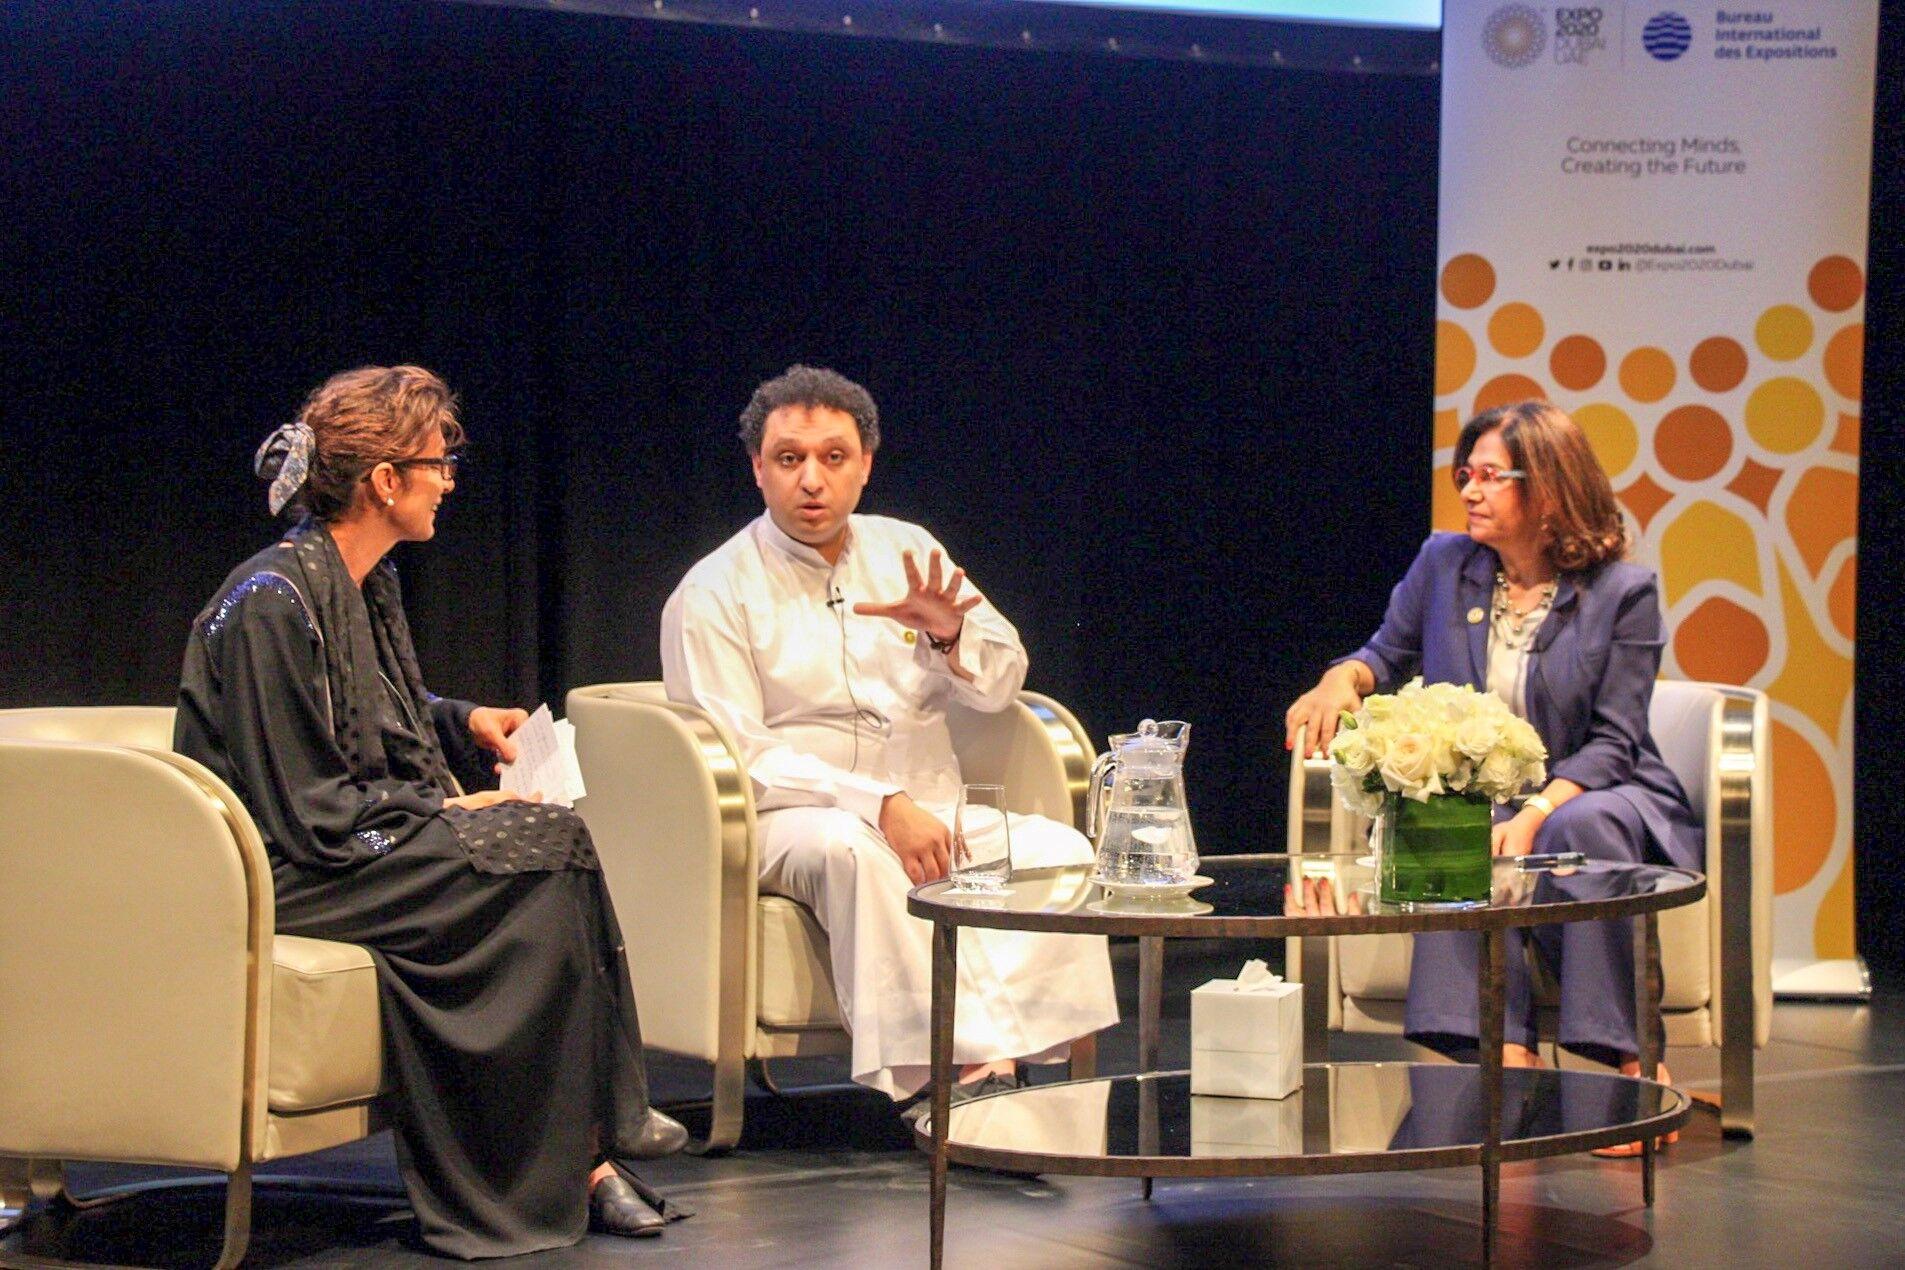 expo 2020 dubai launches first uae opera  1